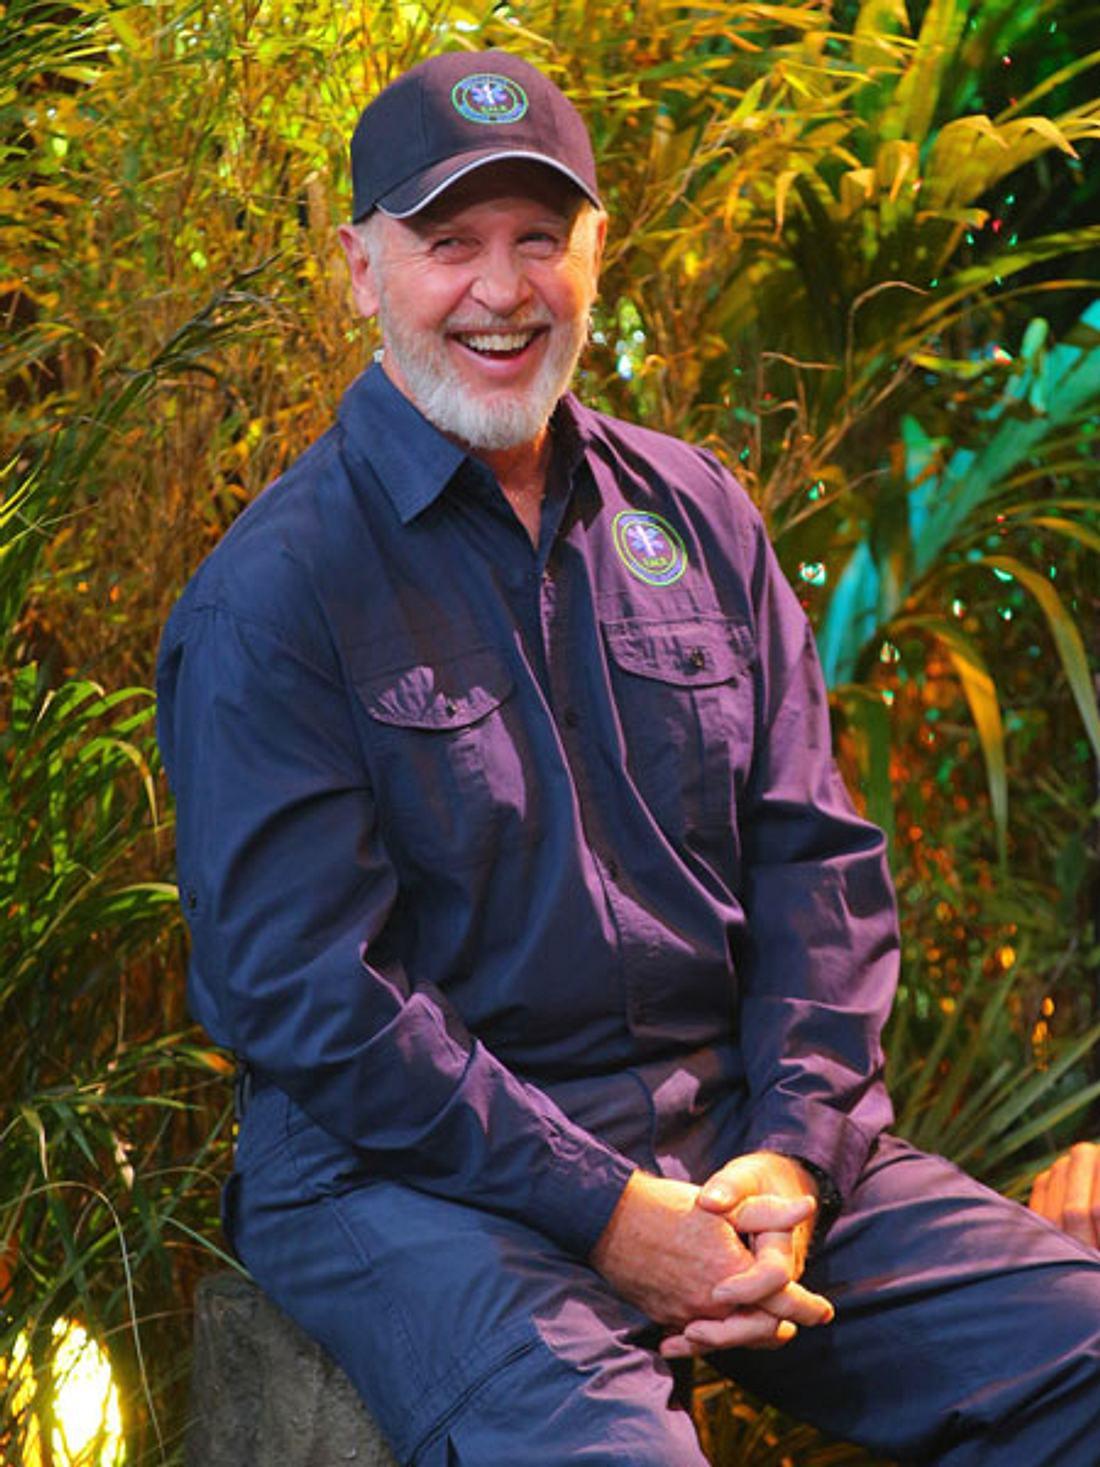 Dr. Bob ist der heimliche Star des Dschungelcamps.